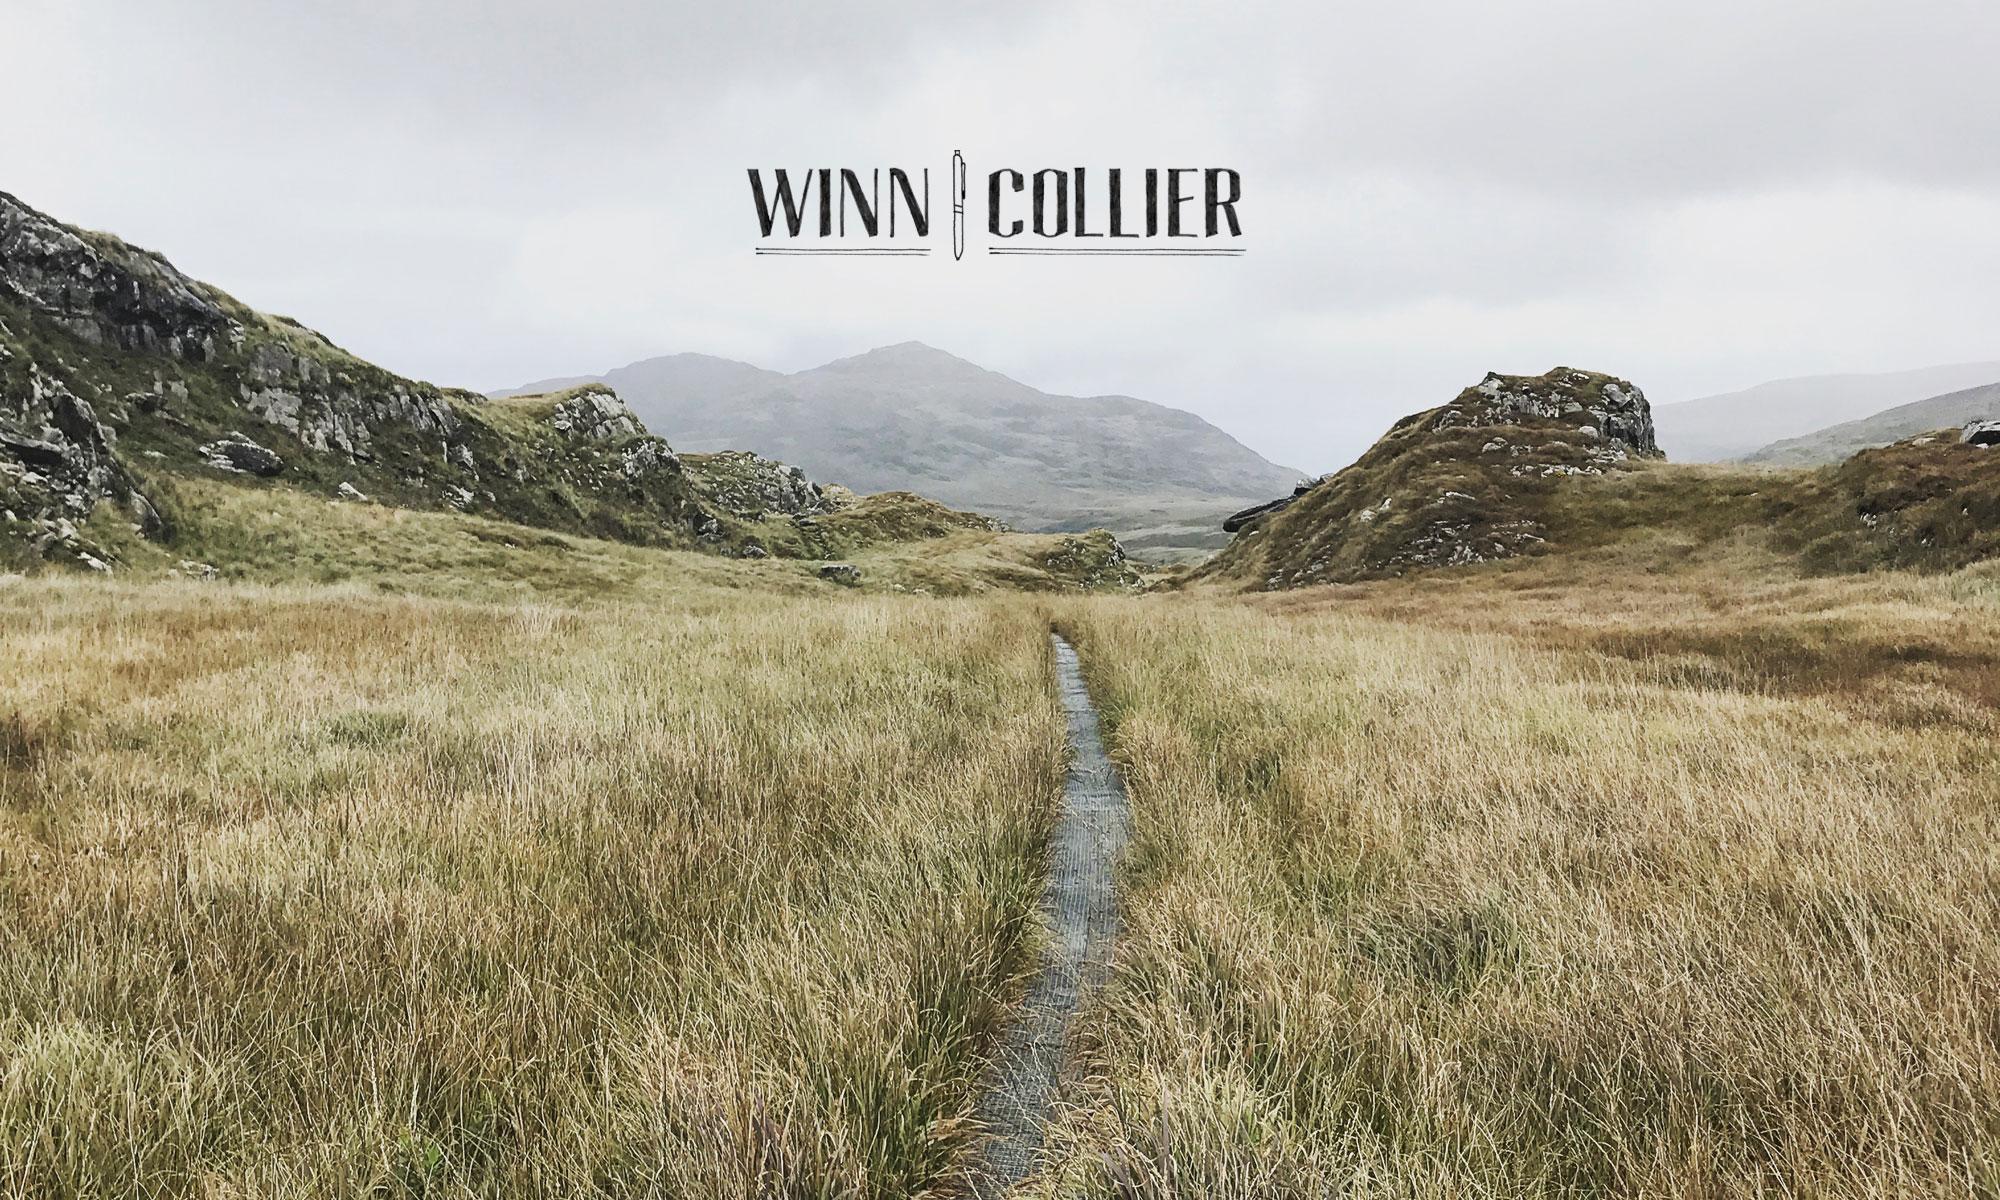 winncollier.com